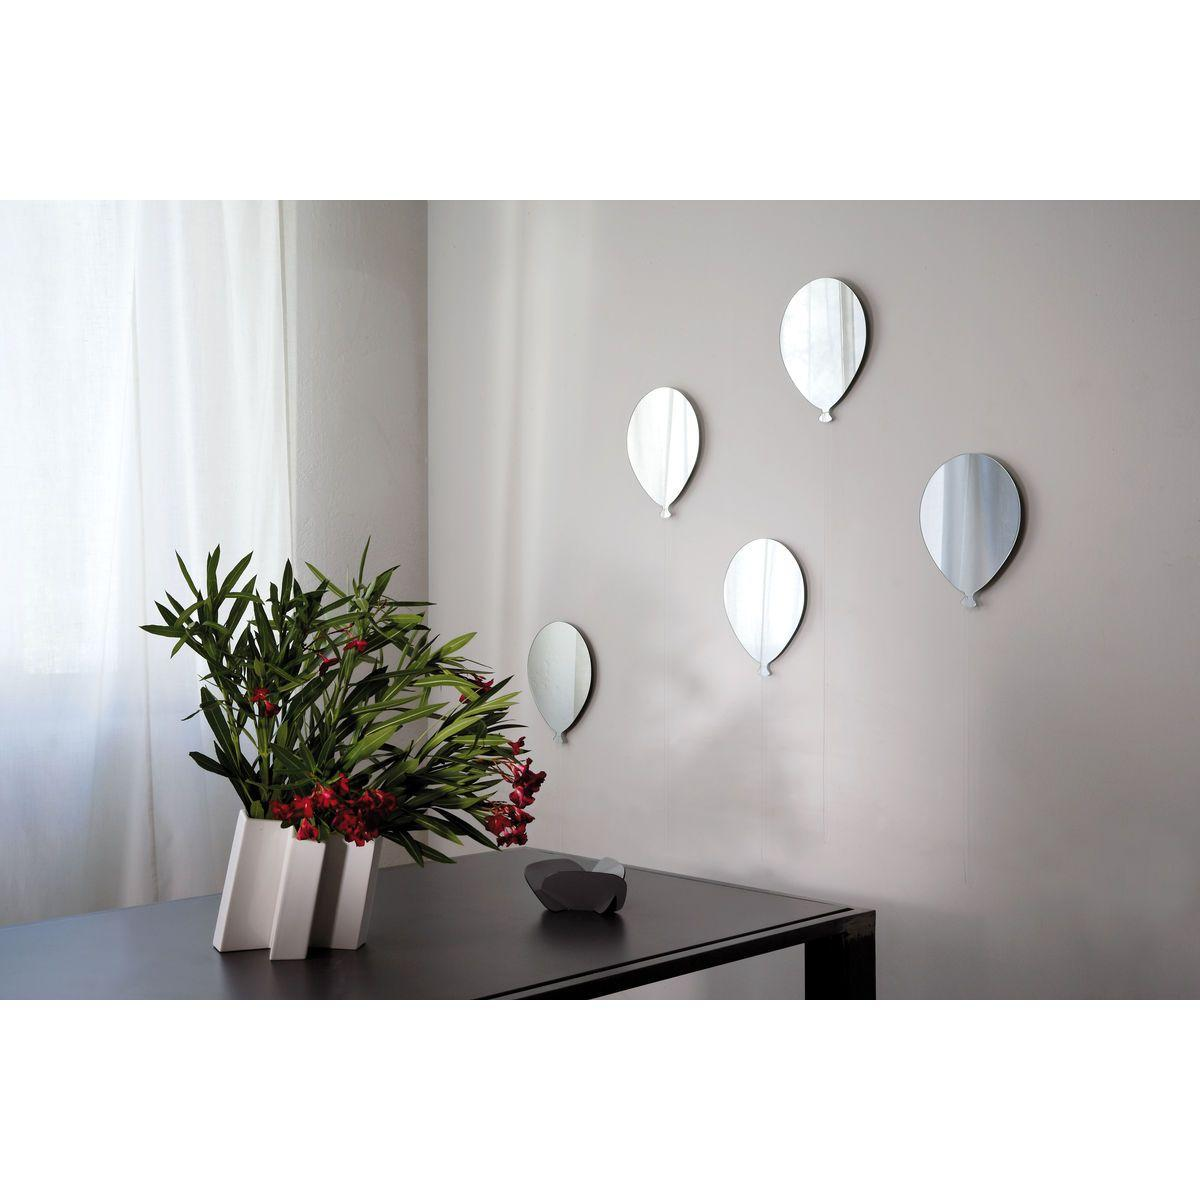 Specchio in vetro a forma di palloncino con cordoncino bianco